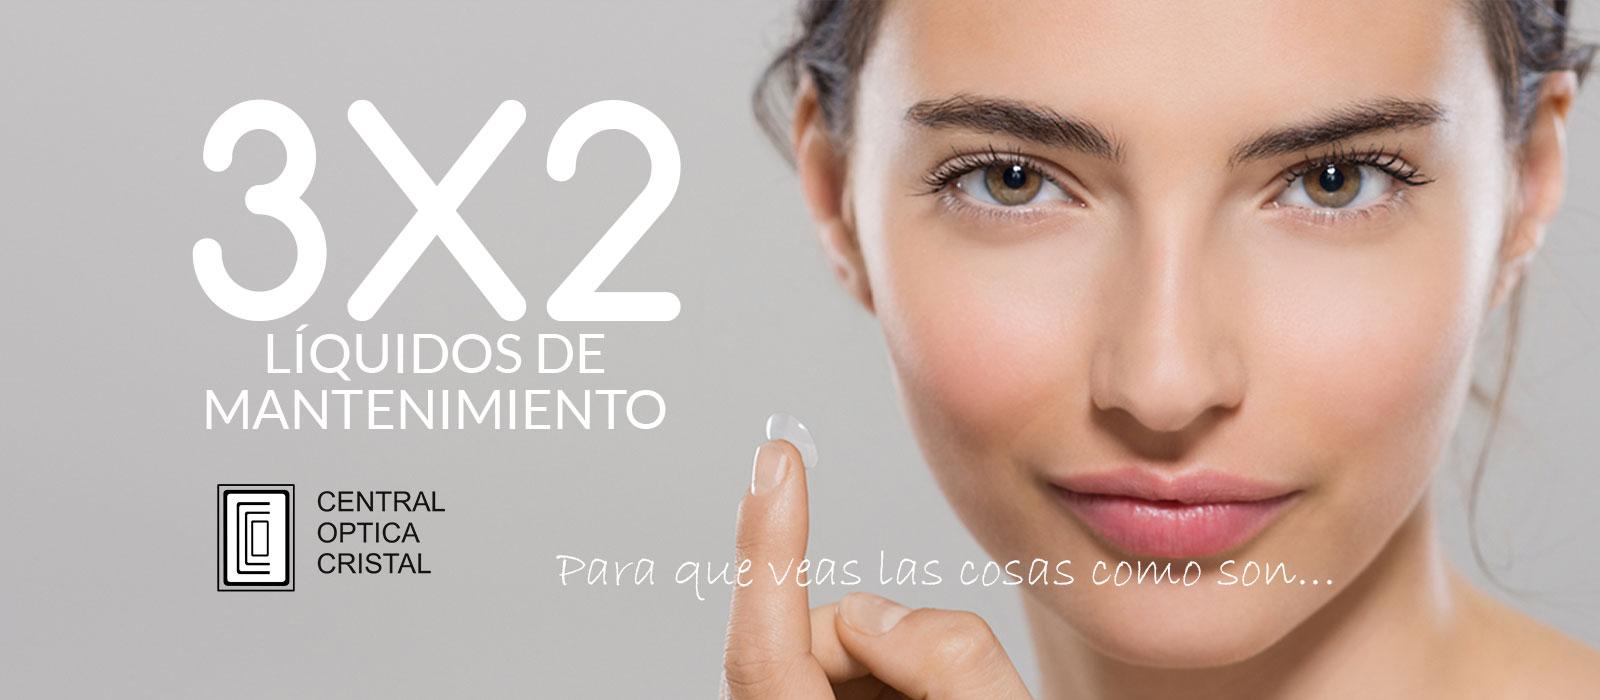 3x2_liquidos_mantenimiento_web